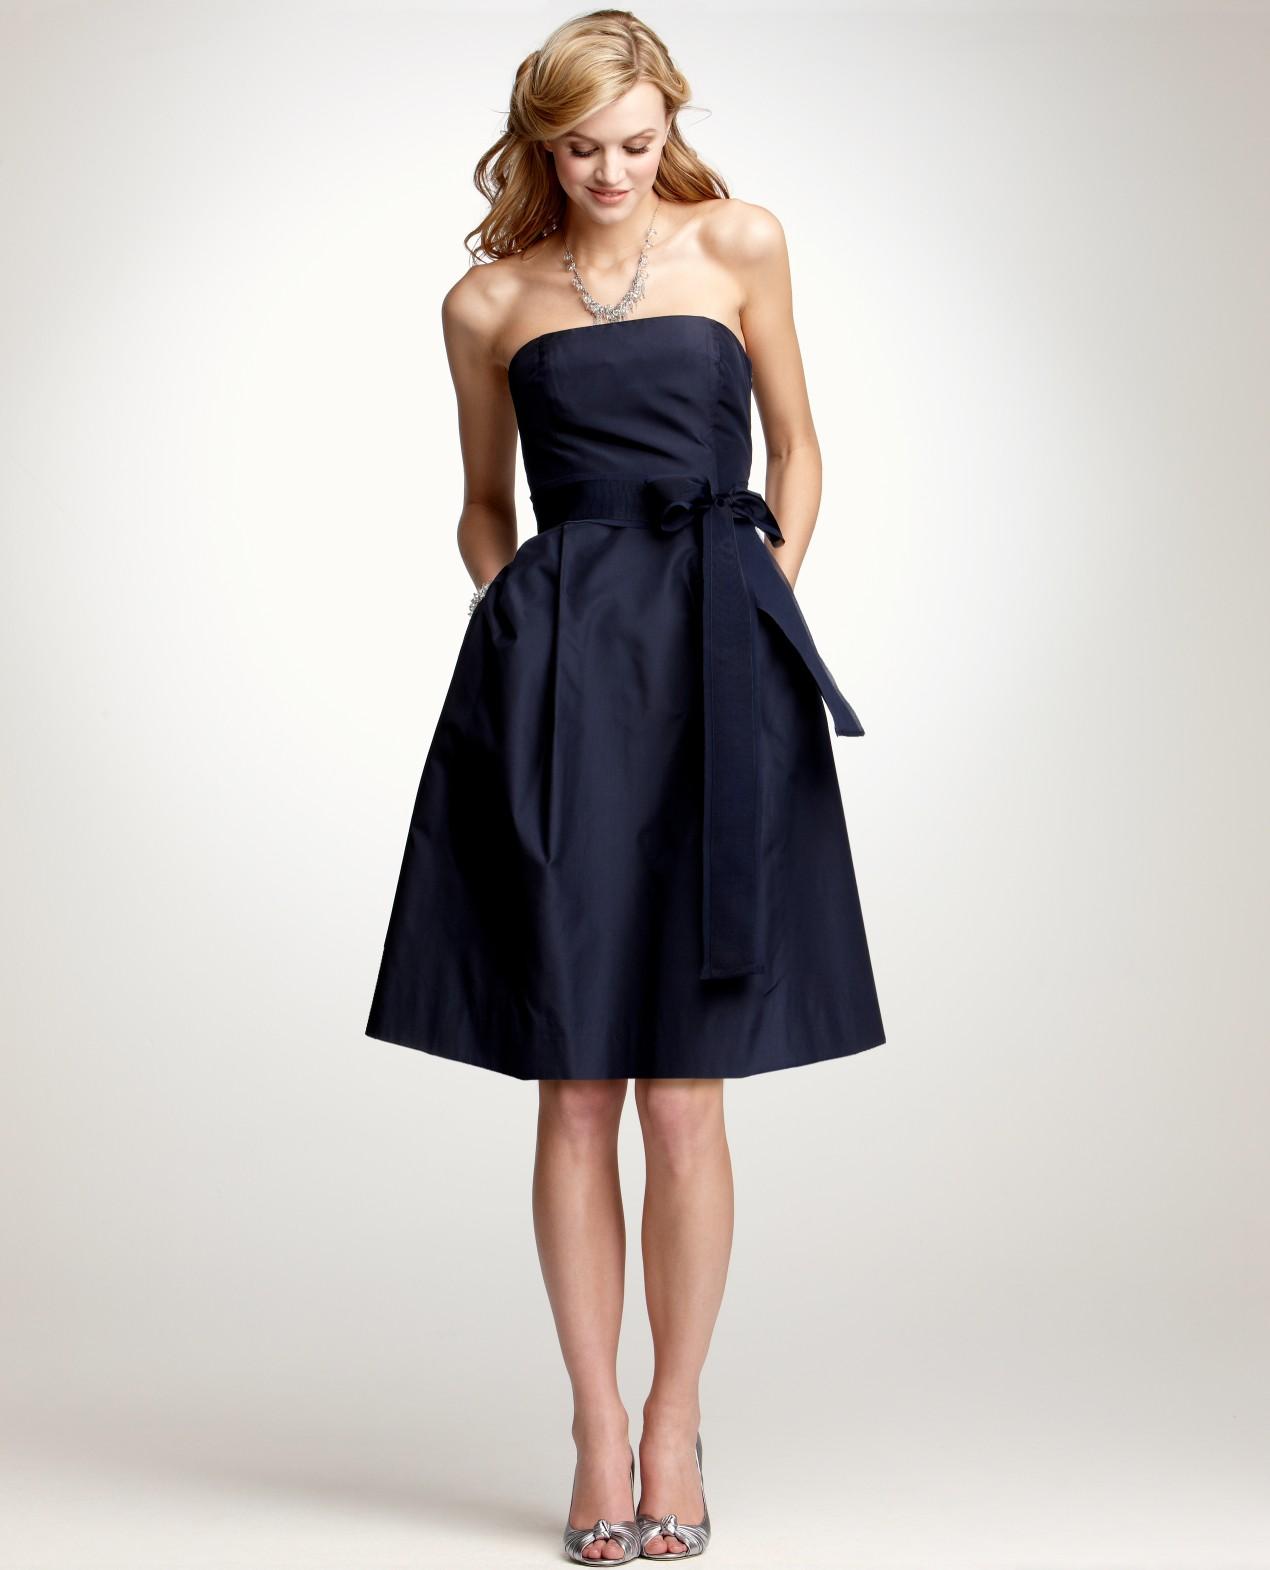 Ann Taylor Silk Taffeta Strapless Bridesmaid Dress in Blue